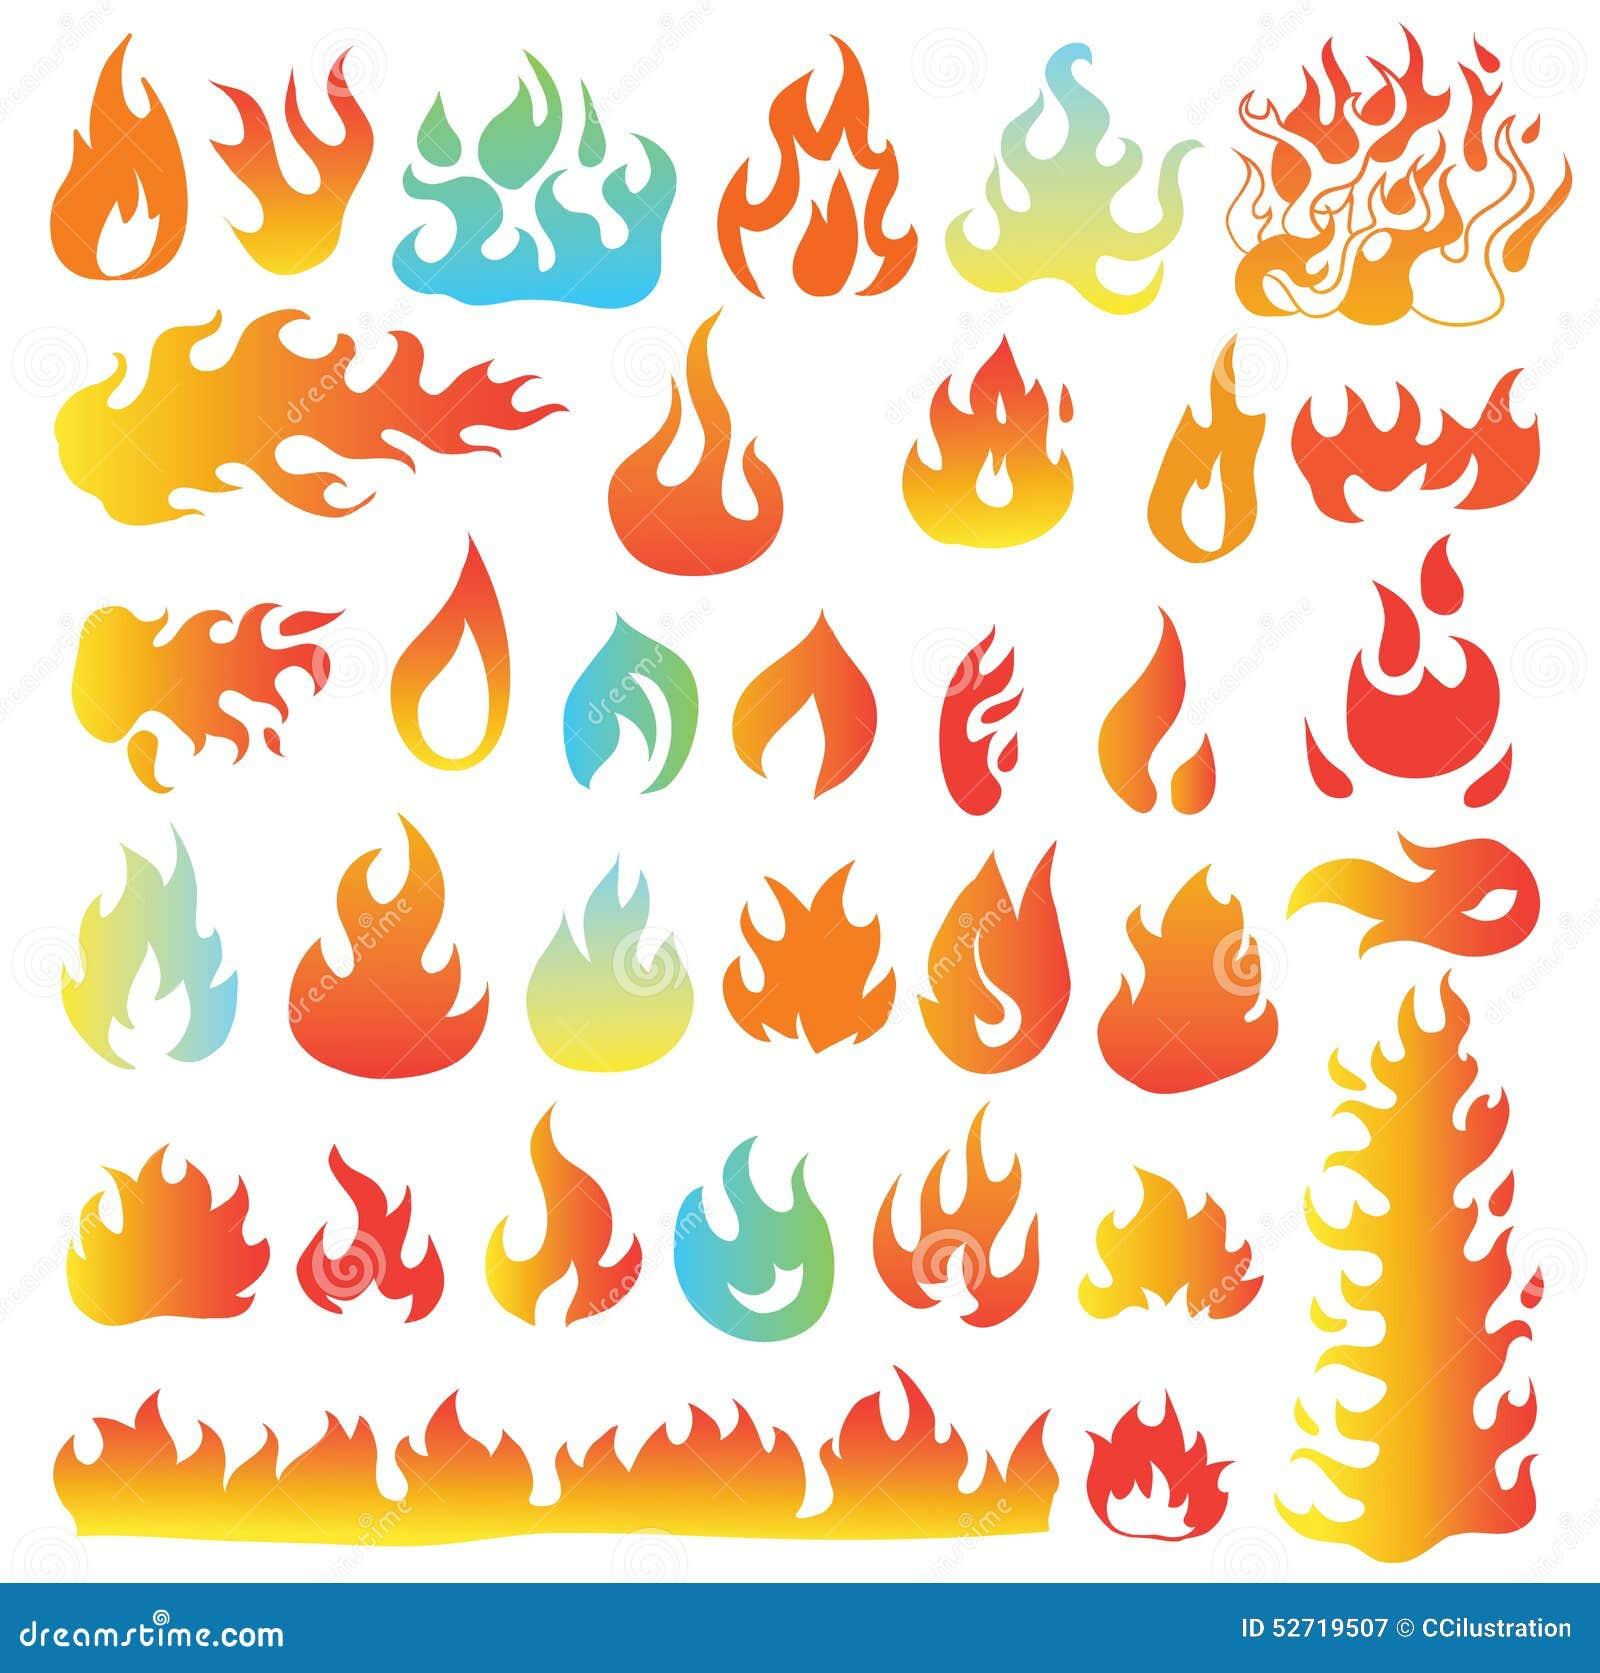 Mettez le feu aux flammes, placez les icônes, illustration de vecteur